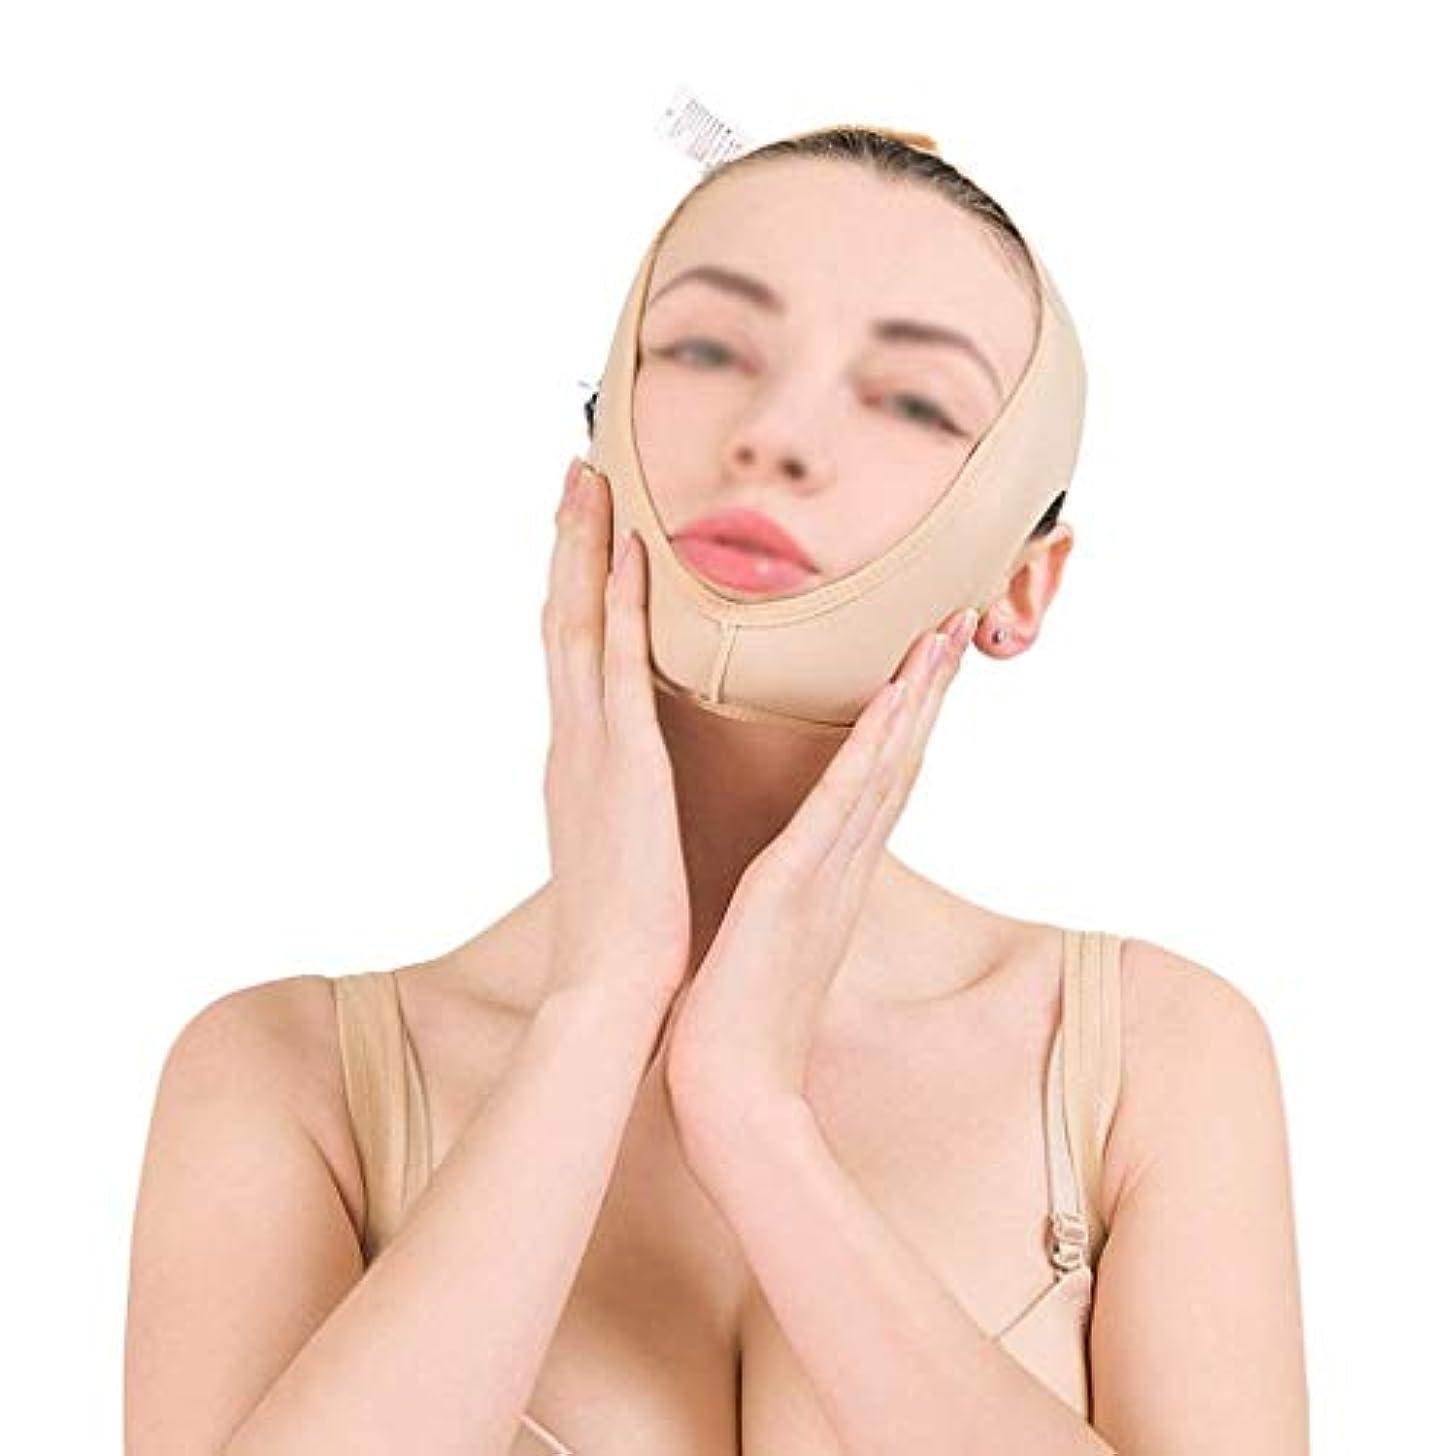 ダーベビルのテス受け取るハイブリッドマスク減量、肌の包帯を引き締めるリフティングフェイスバンド、フェイスリフティング、ダブルチンビューティバンデージ、フェイスリフト(サイズ:L),M